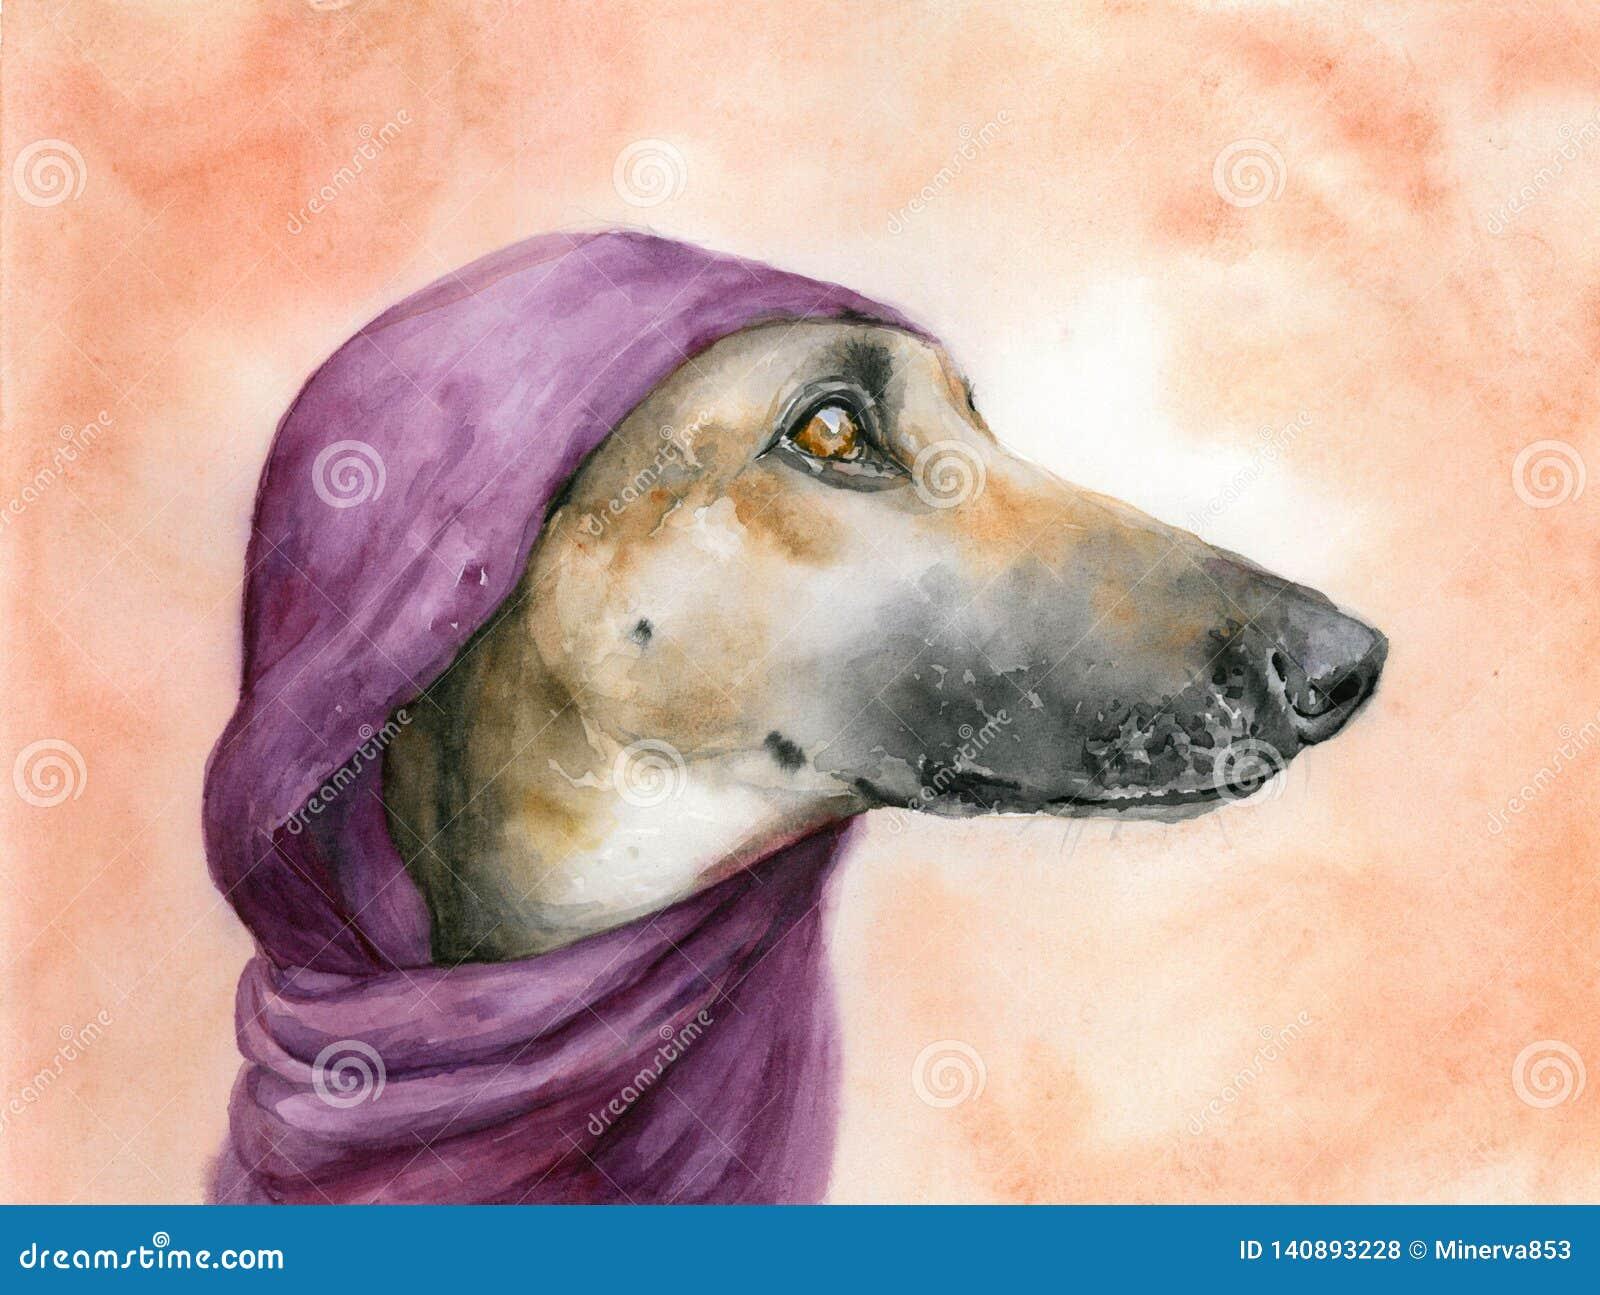 Brun hund med en purpurfärgad halsduk på huvudet som bort ser för flygillustration för näbb dekorativ bild dess paper stycksvalav